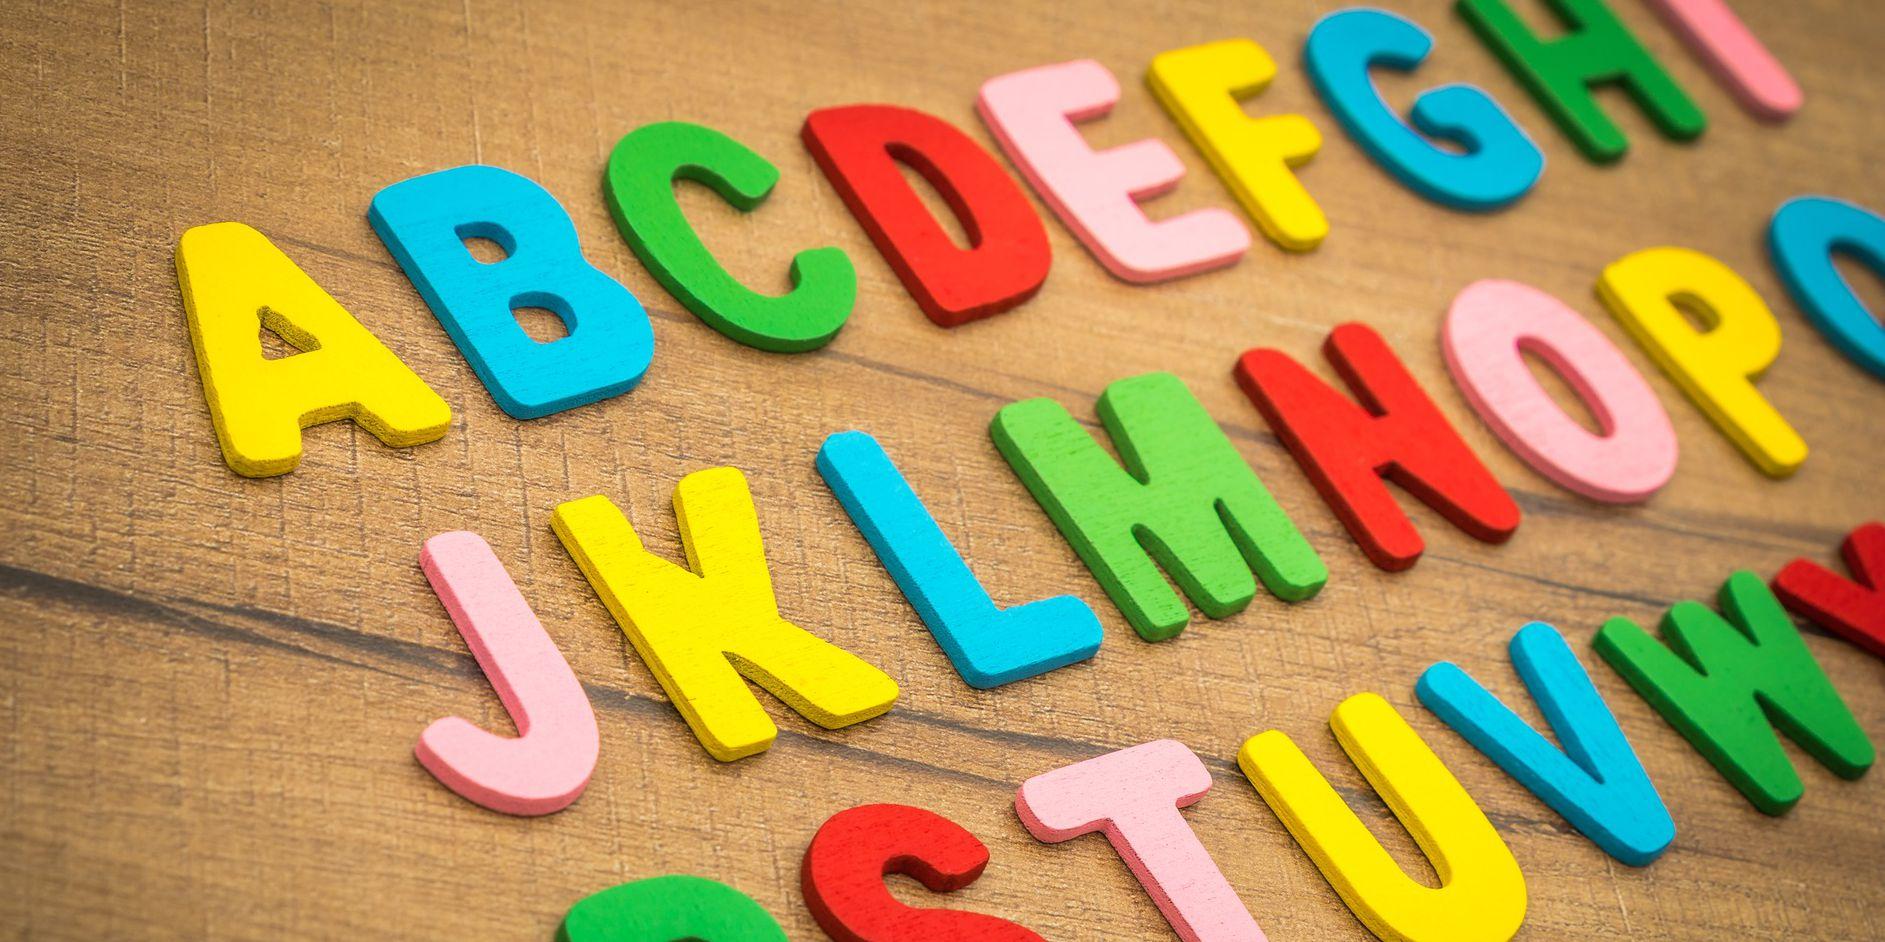 April 11 is kindergarten registration day